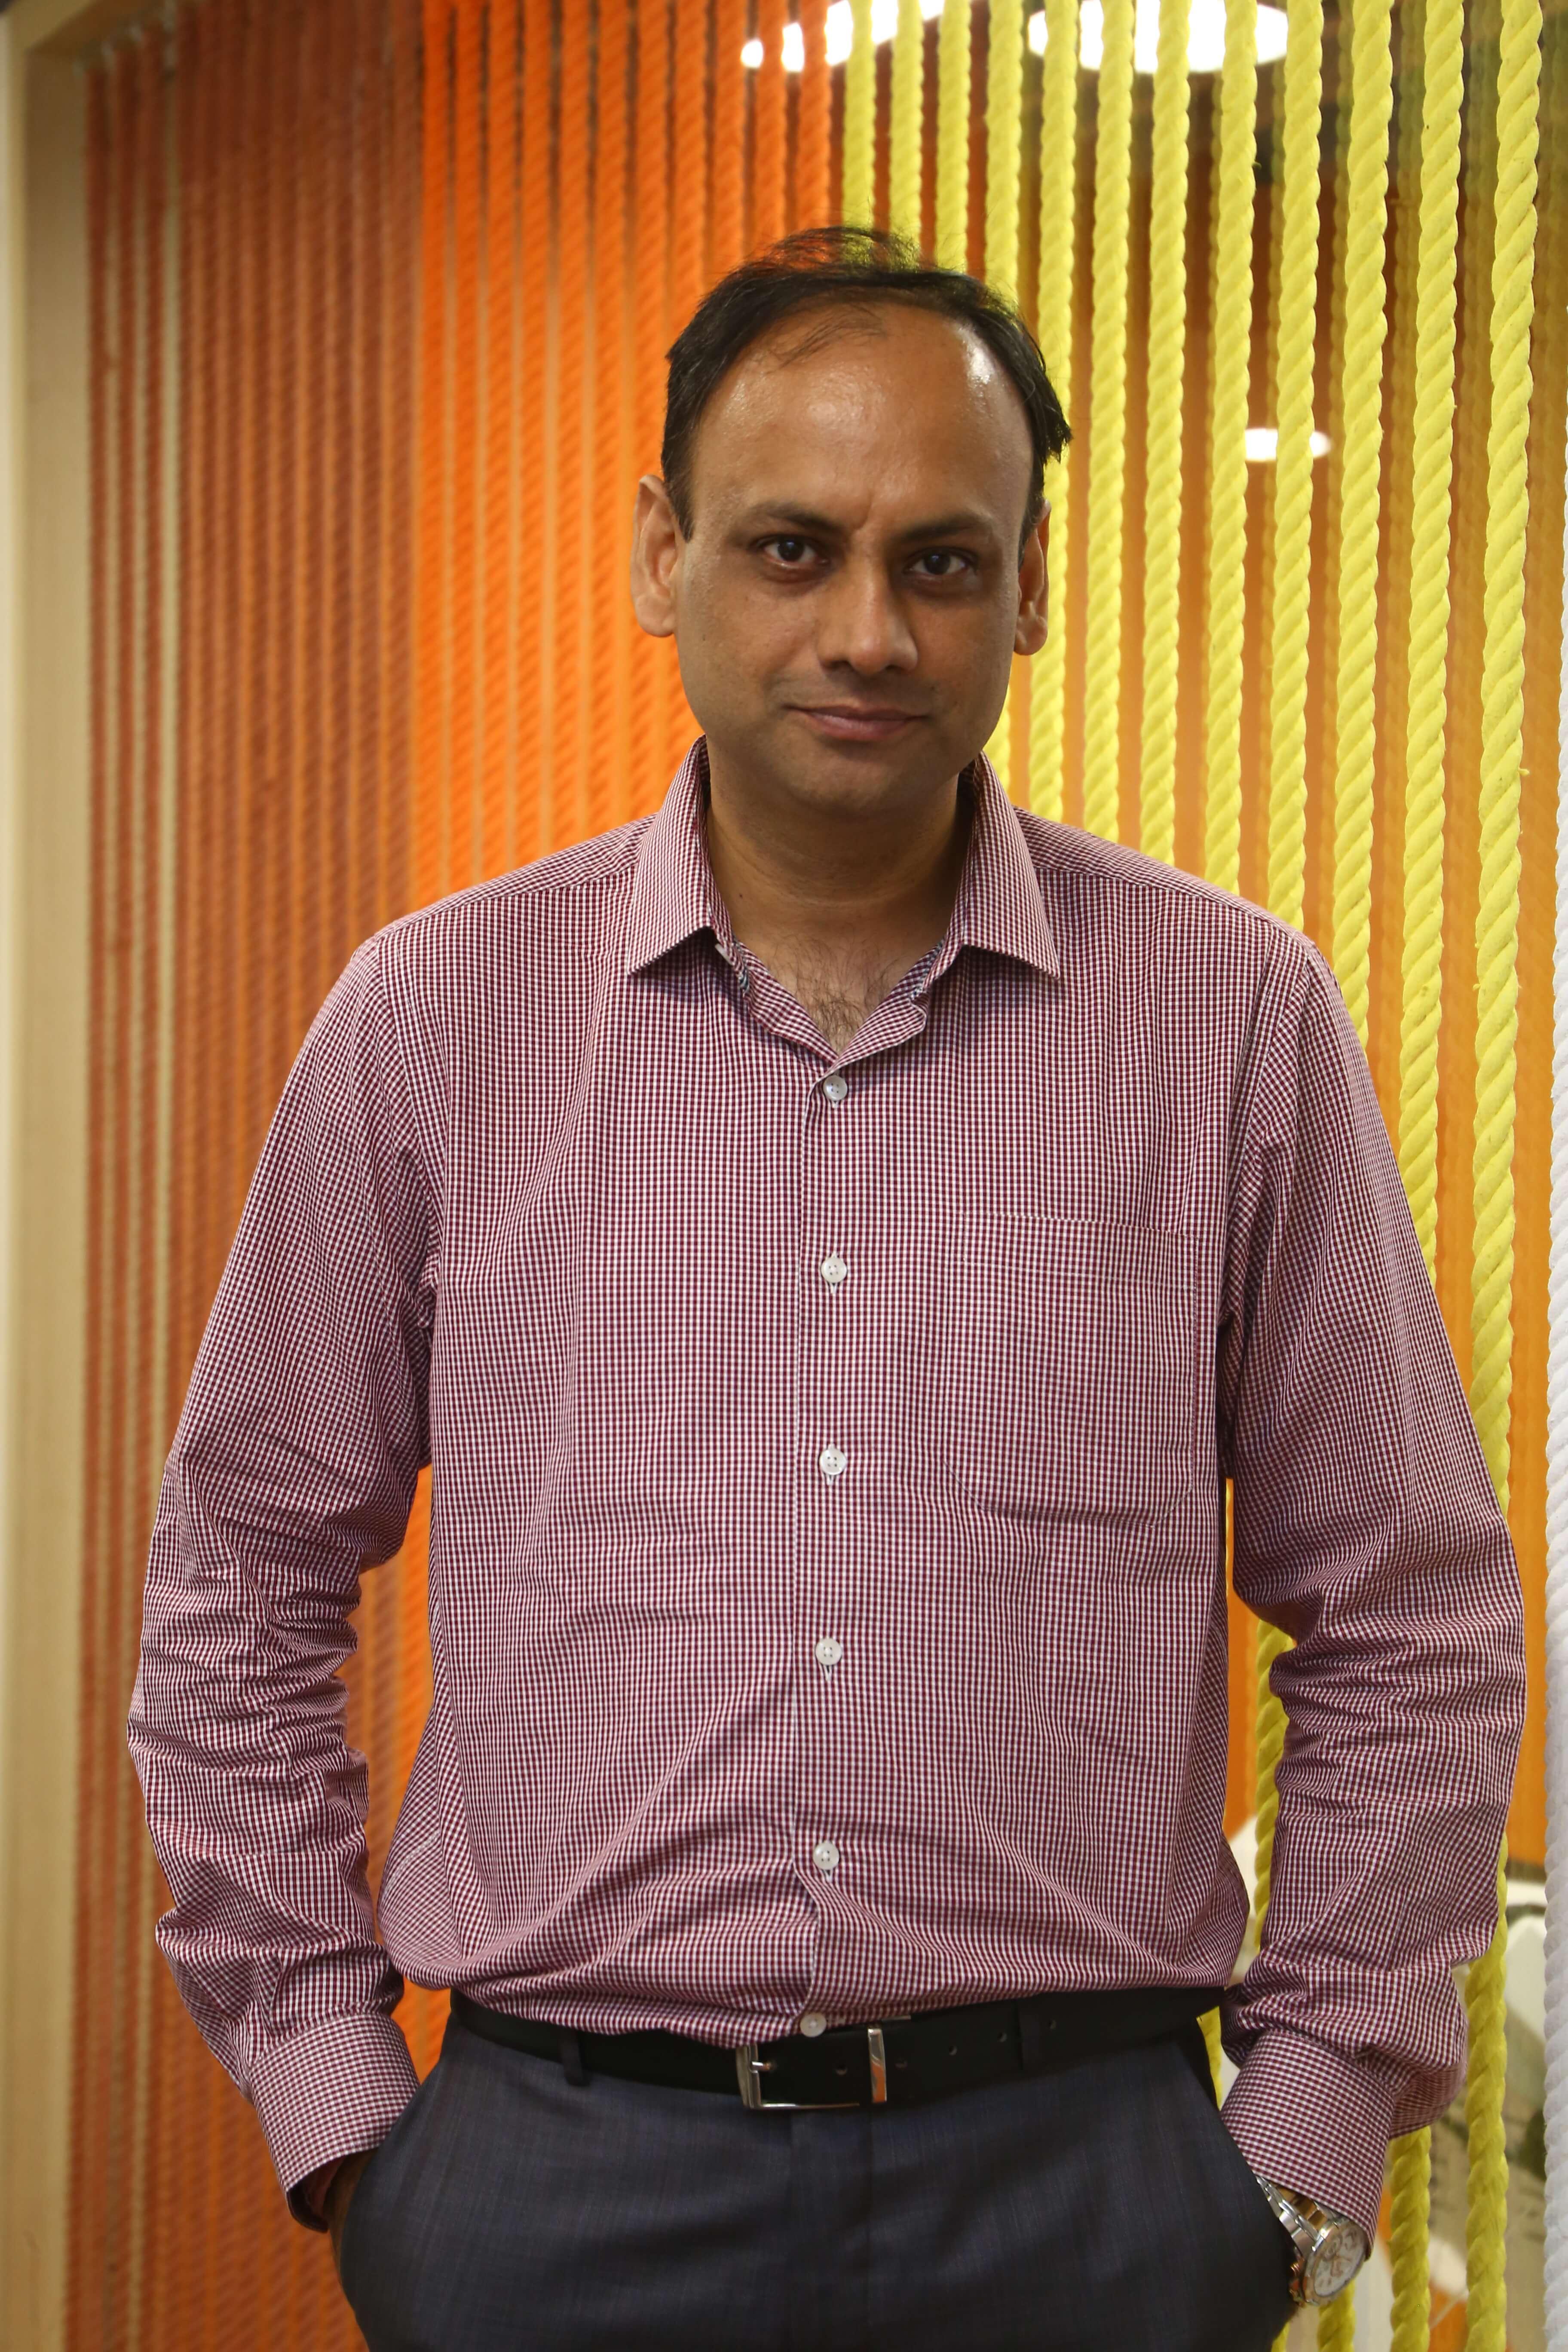 Nishant Priyadarshi